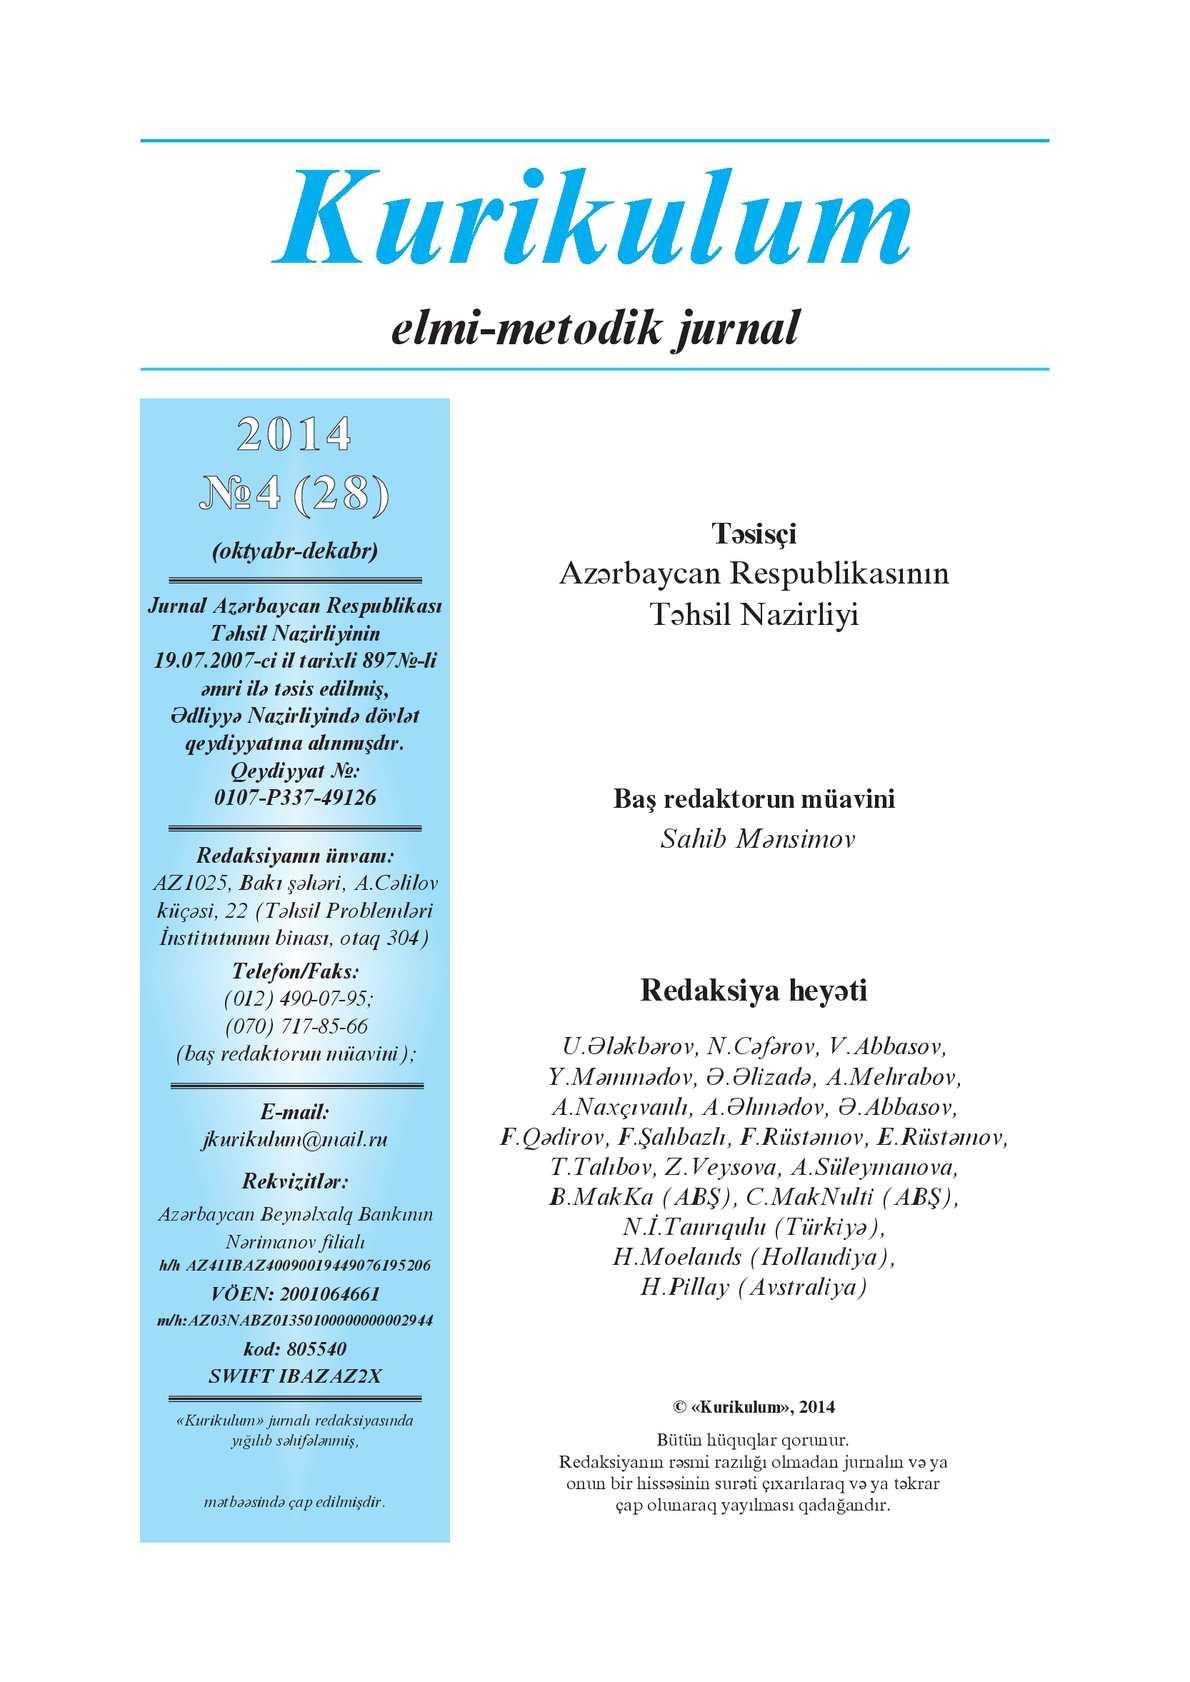 Kurikulum jurnalı, 2014-cü il, №4